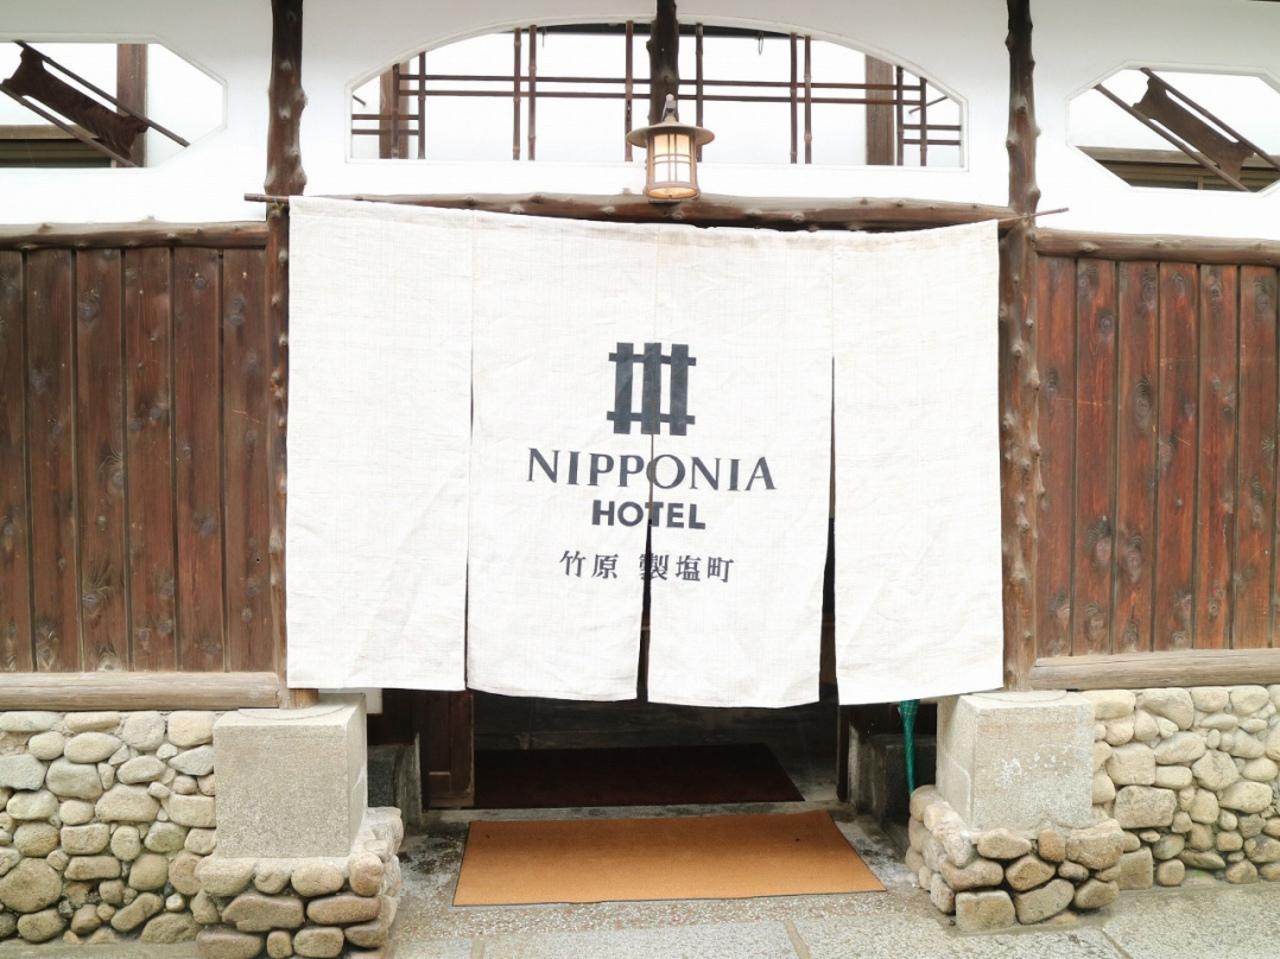 竹原のHOTEL『NIPPONIA HOTEL 竹原 製塩町』